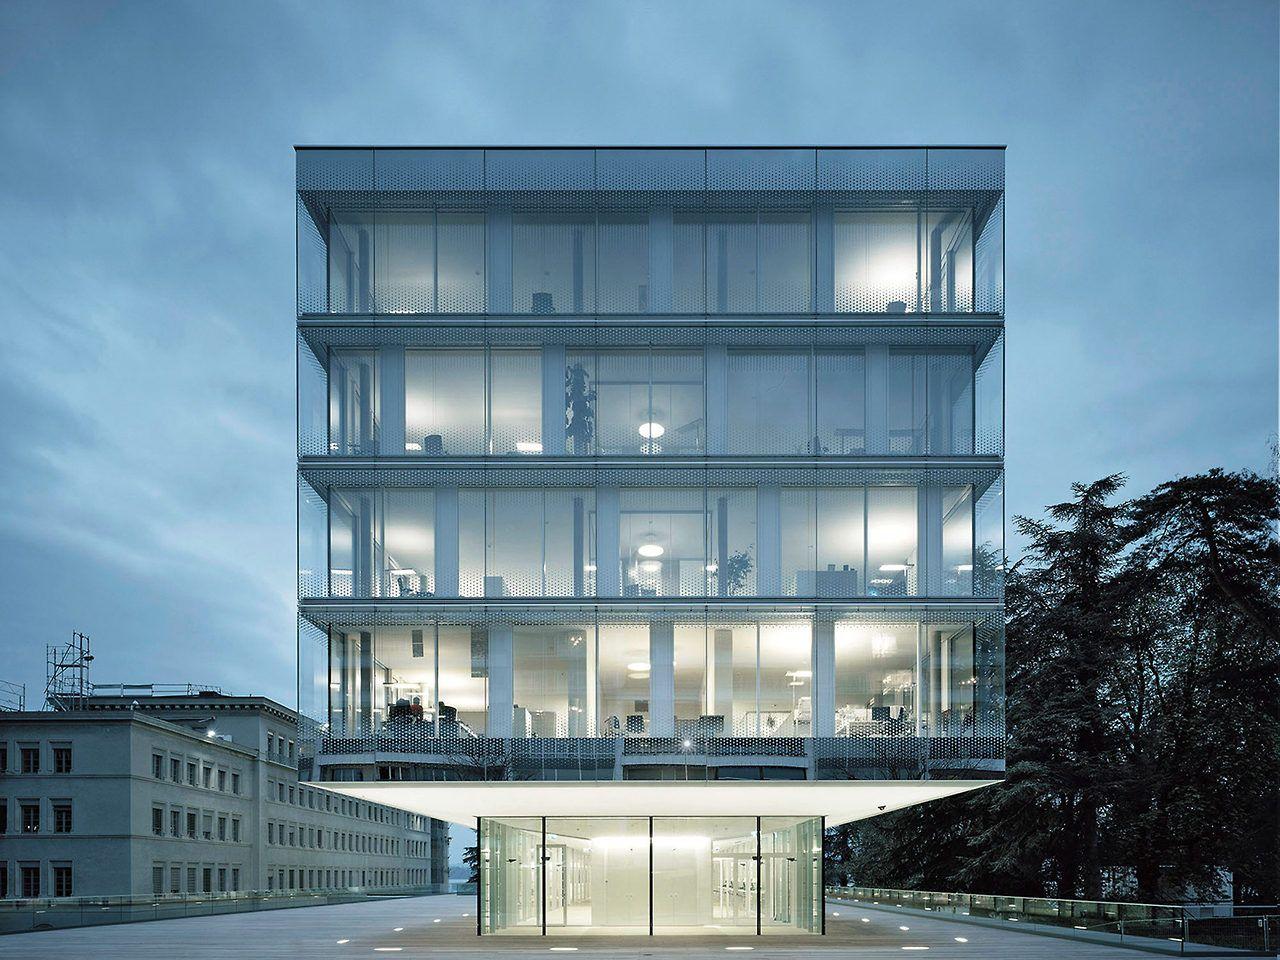 Wittfoht Architekten - WTO building, Genf 2012.